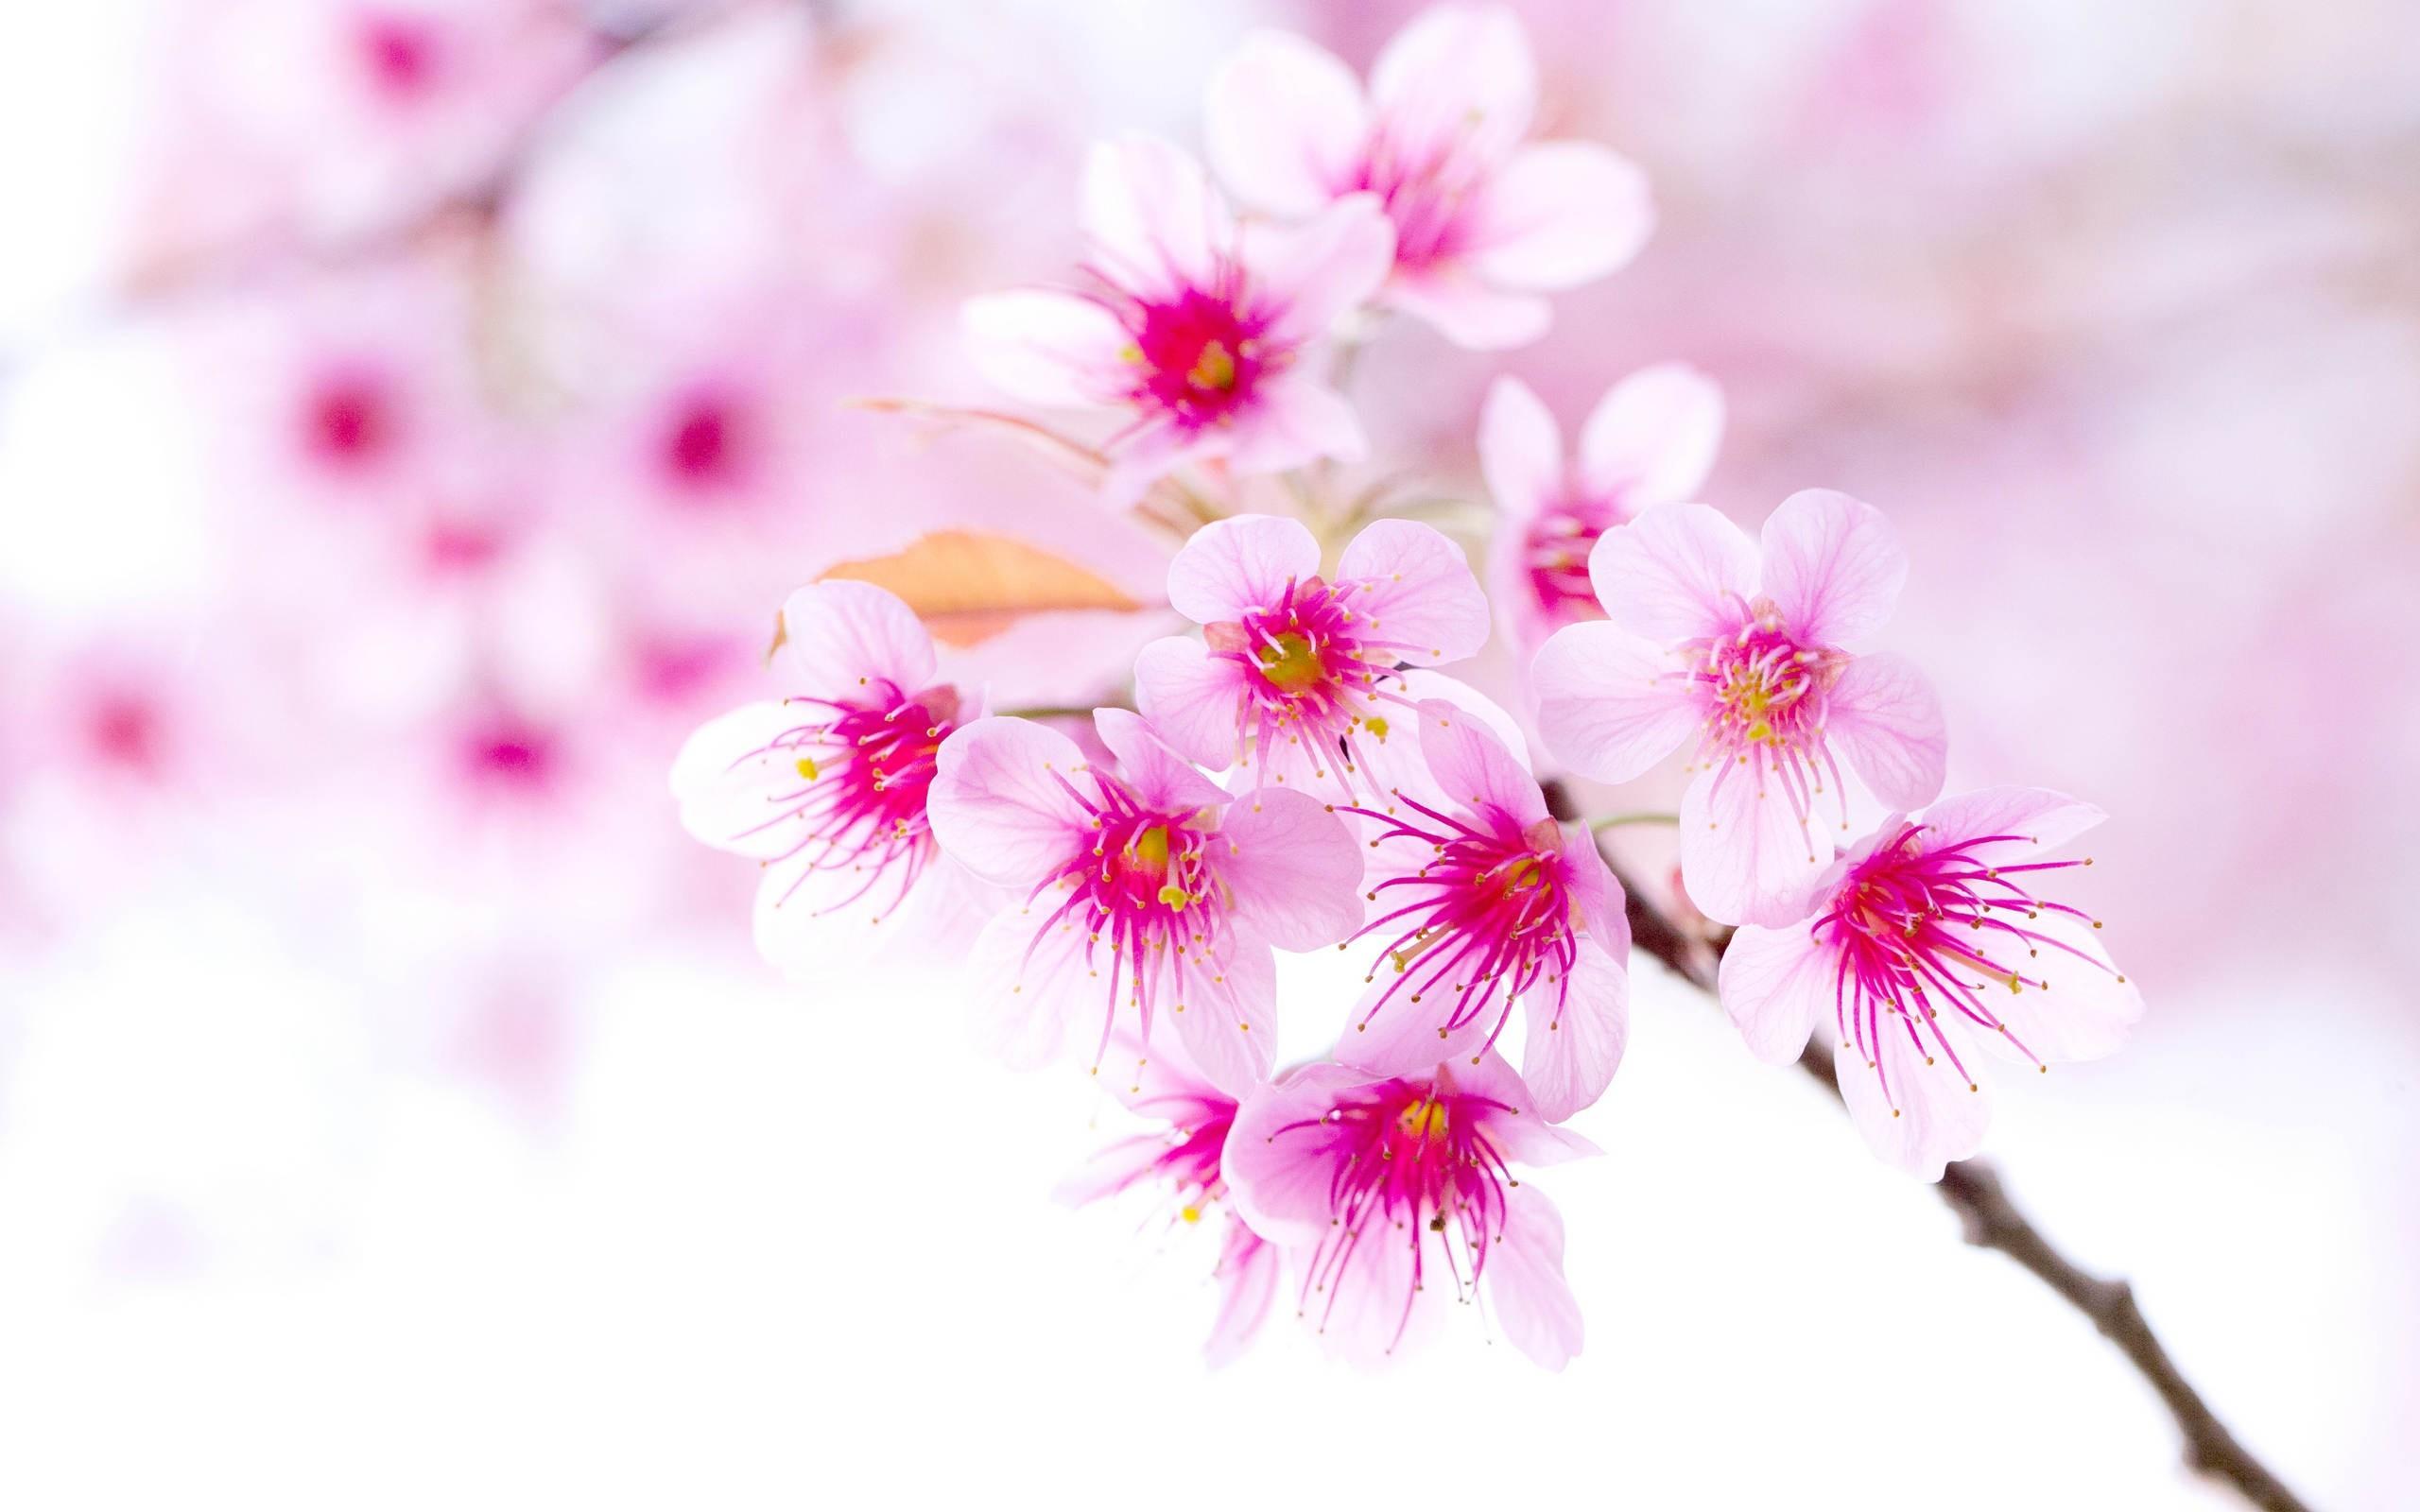 بالصور خلفيات زهور , خلفيات زهور للهواتف واجهزة الكمبيوتر 2903 8